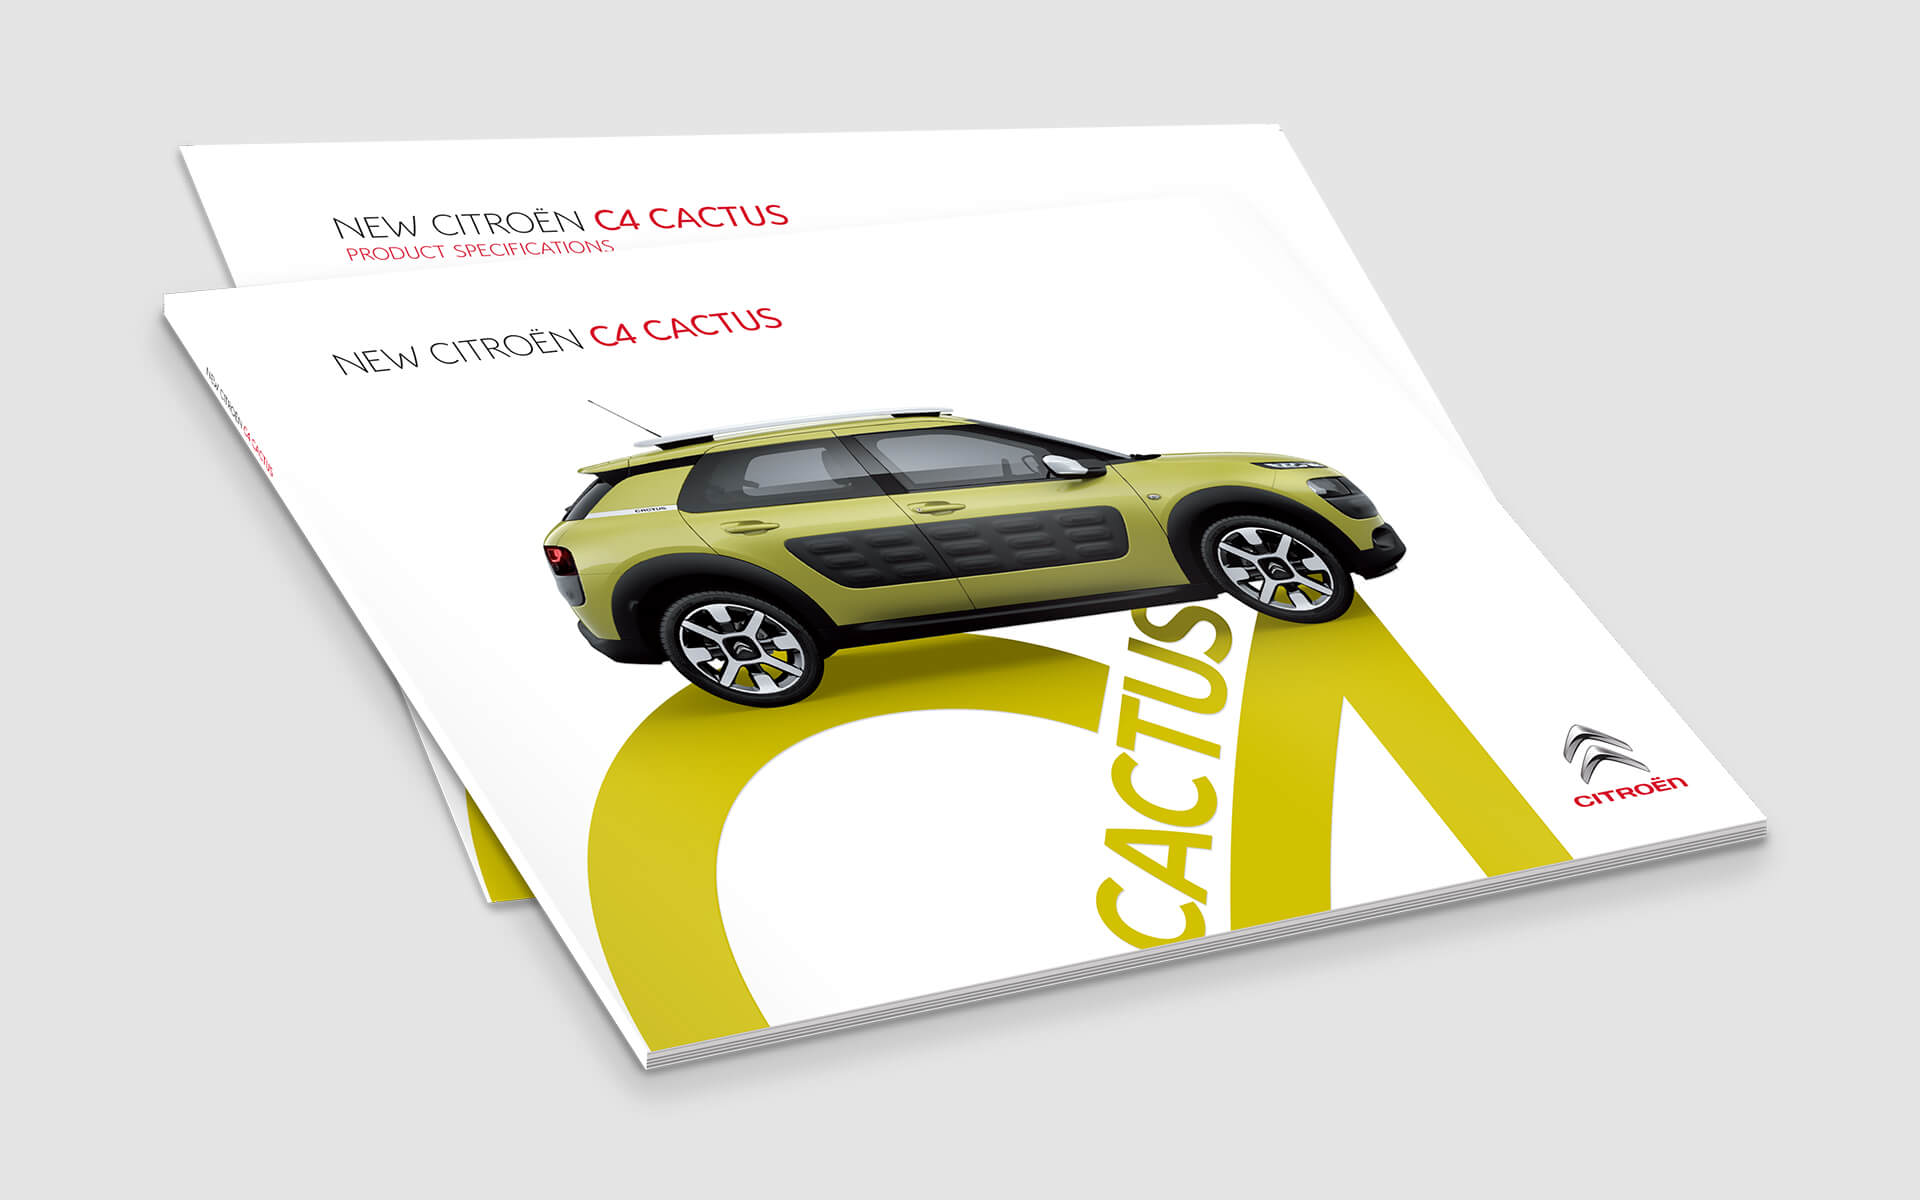 Citroen brochures c4 cactus